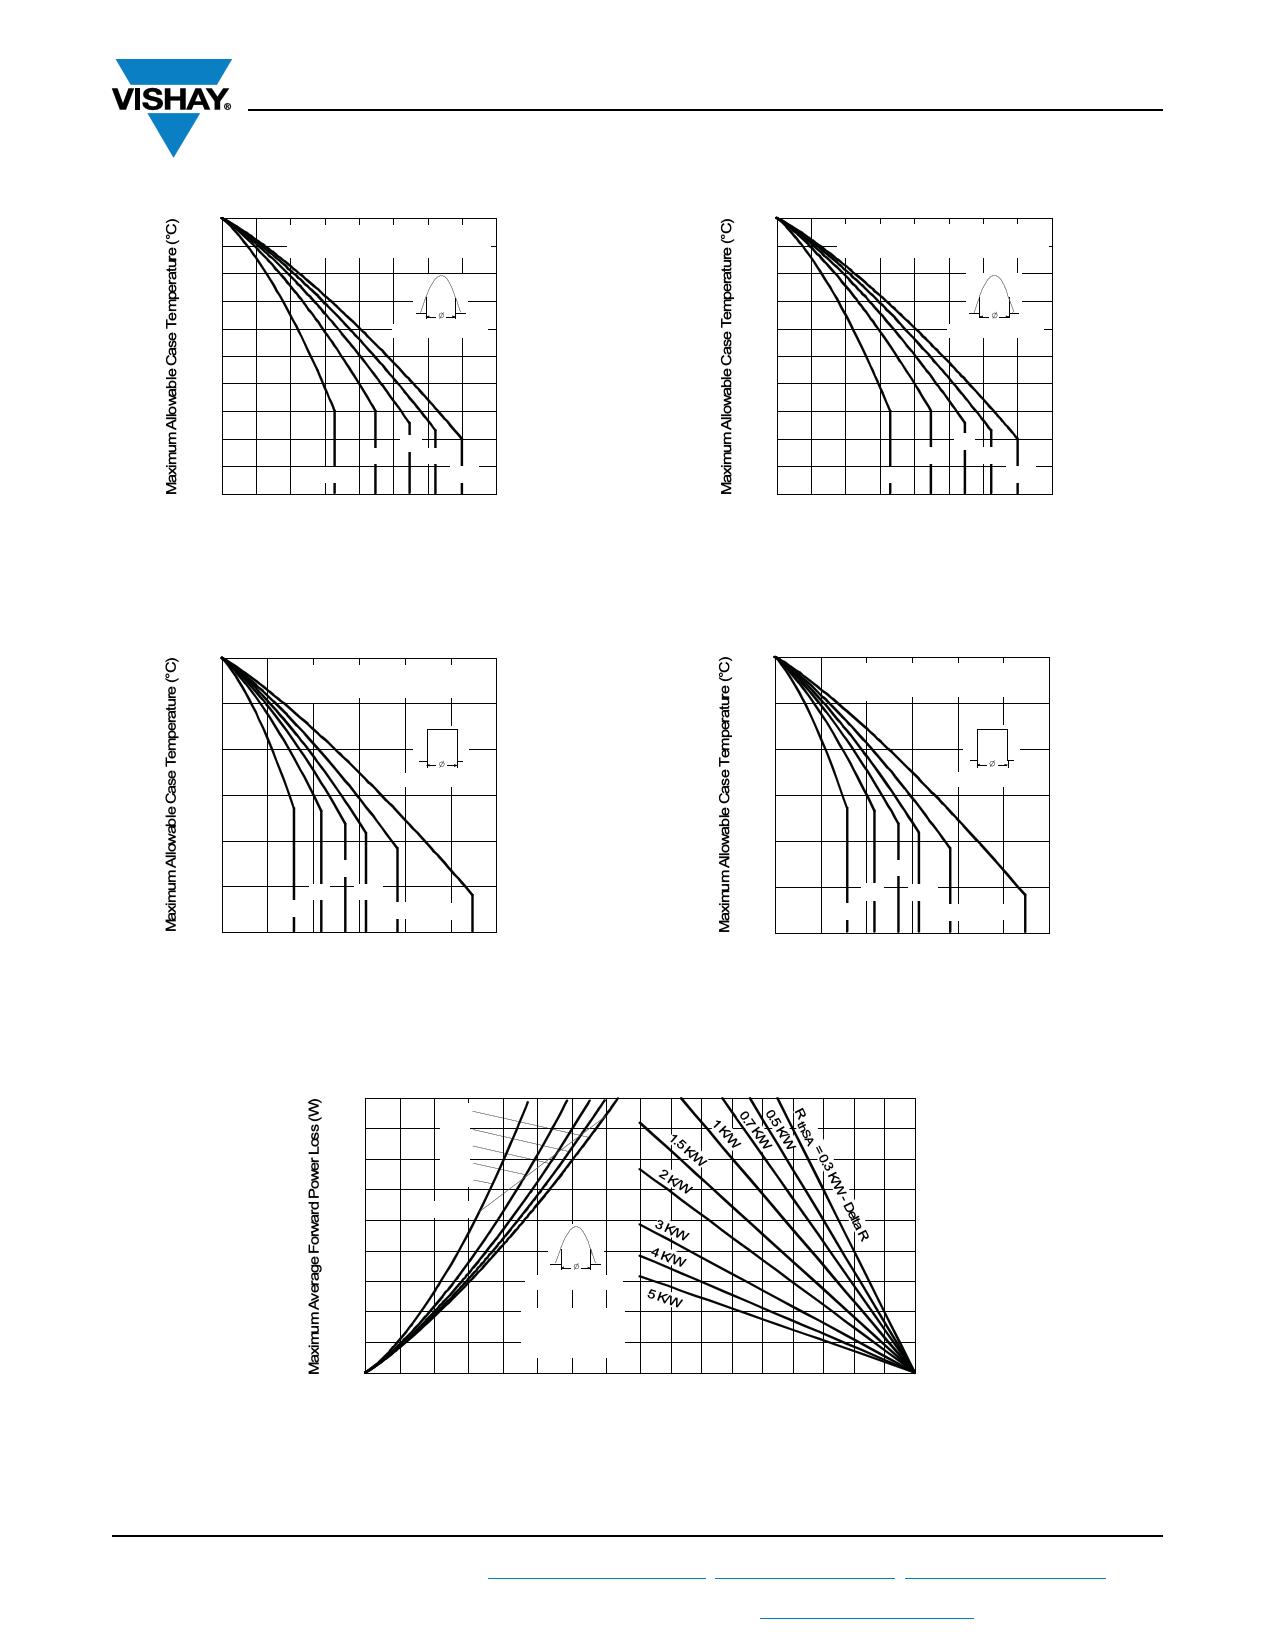 VS-70HF100 pdf, ピン配列